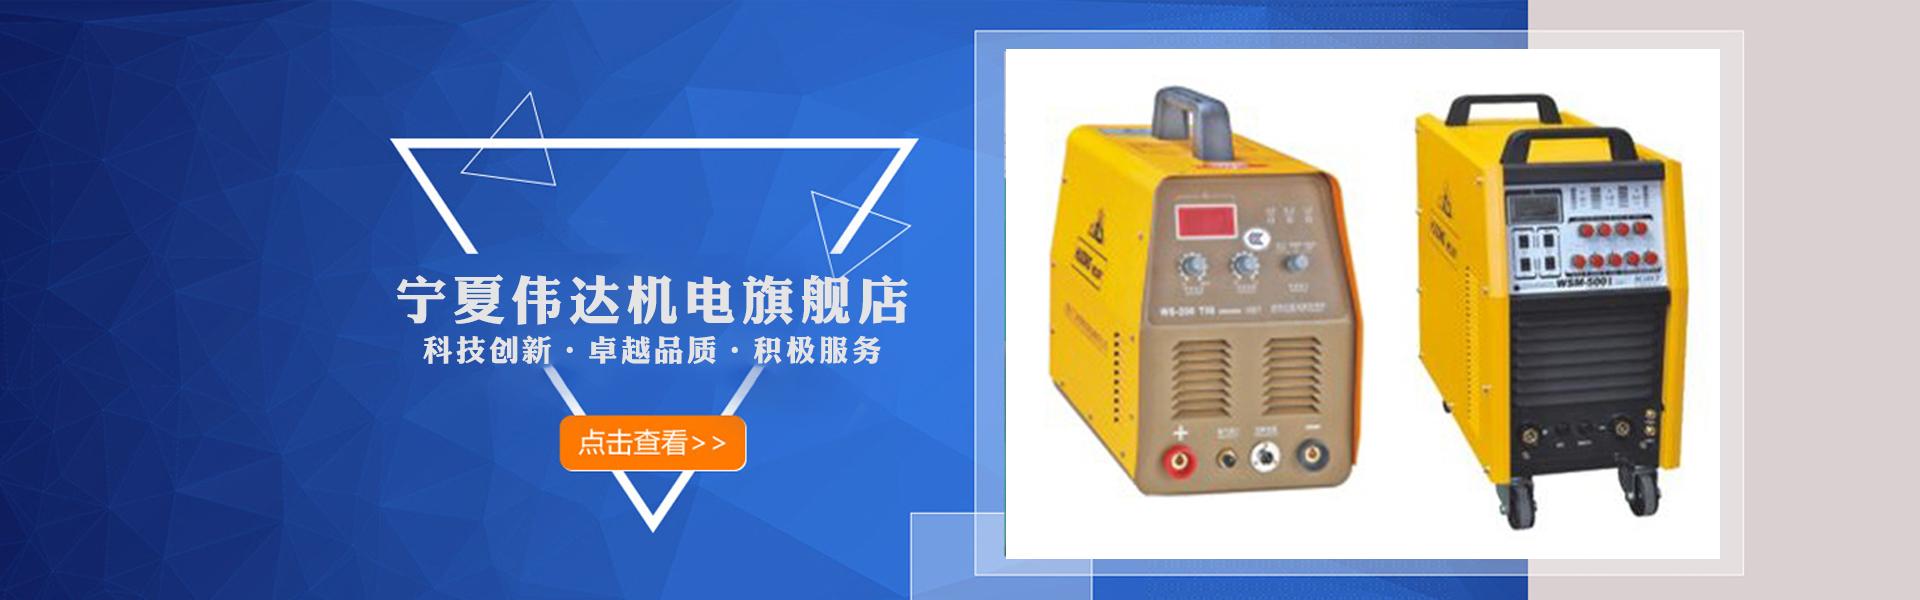 寧夏電焊機-偉達機電-歡迎電話聯係